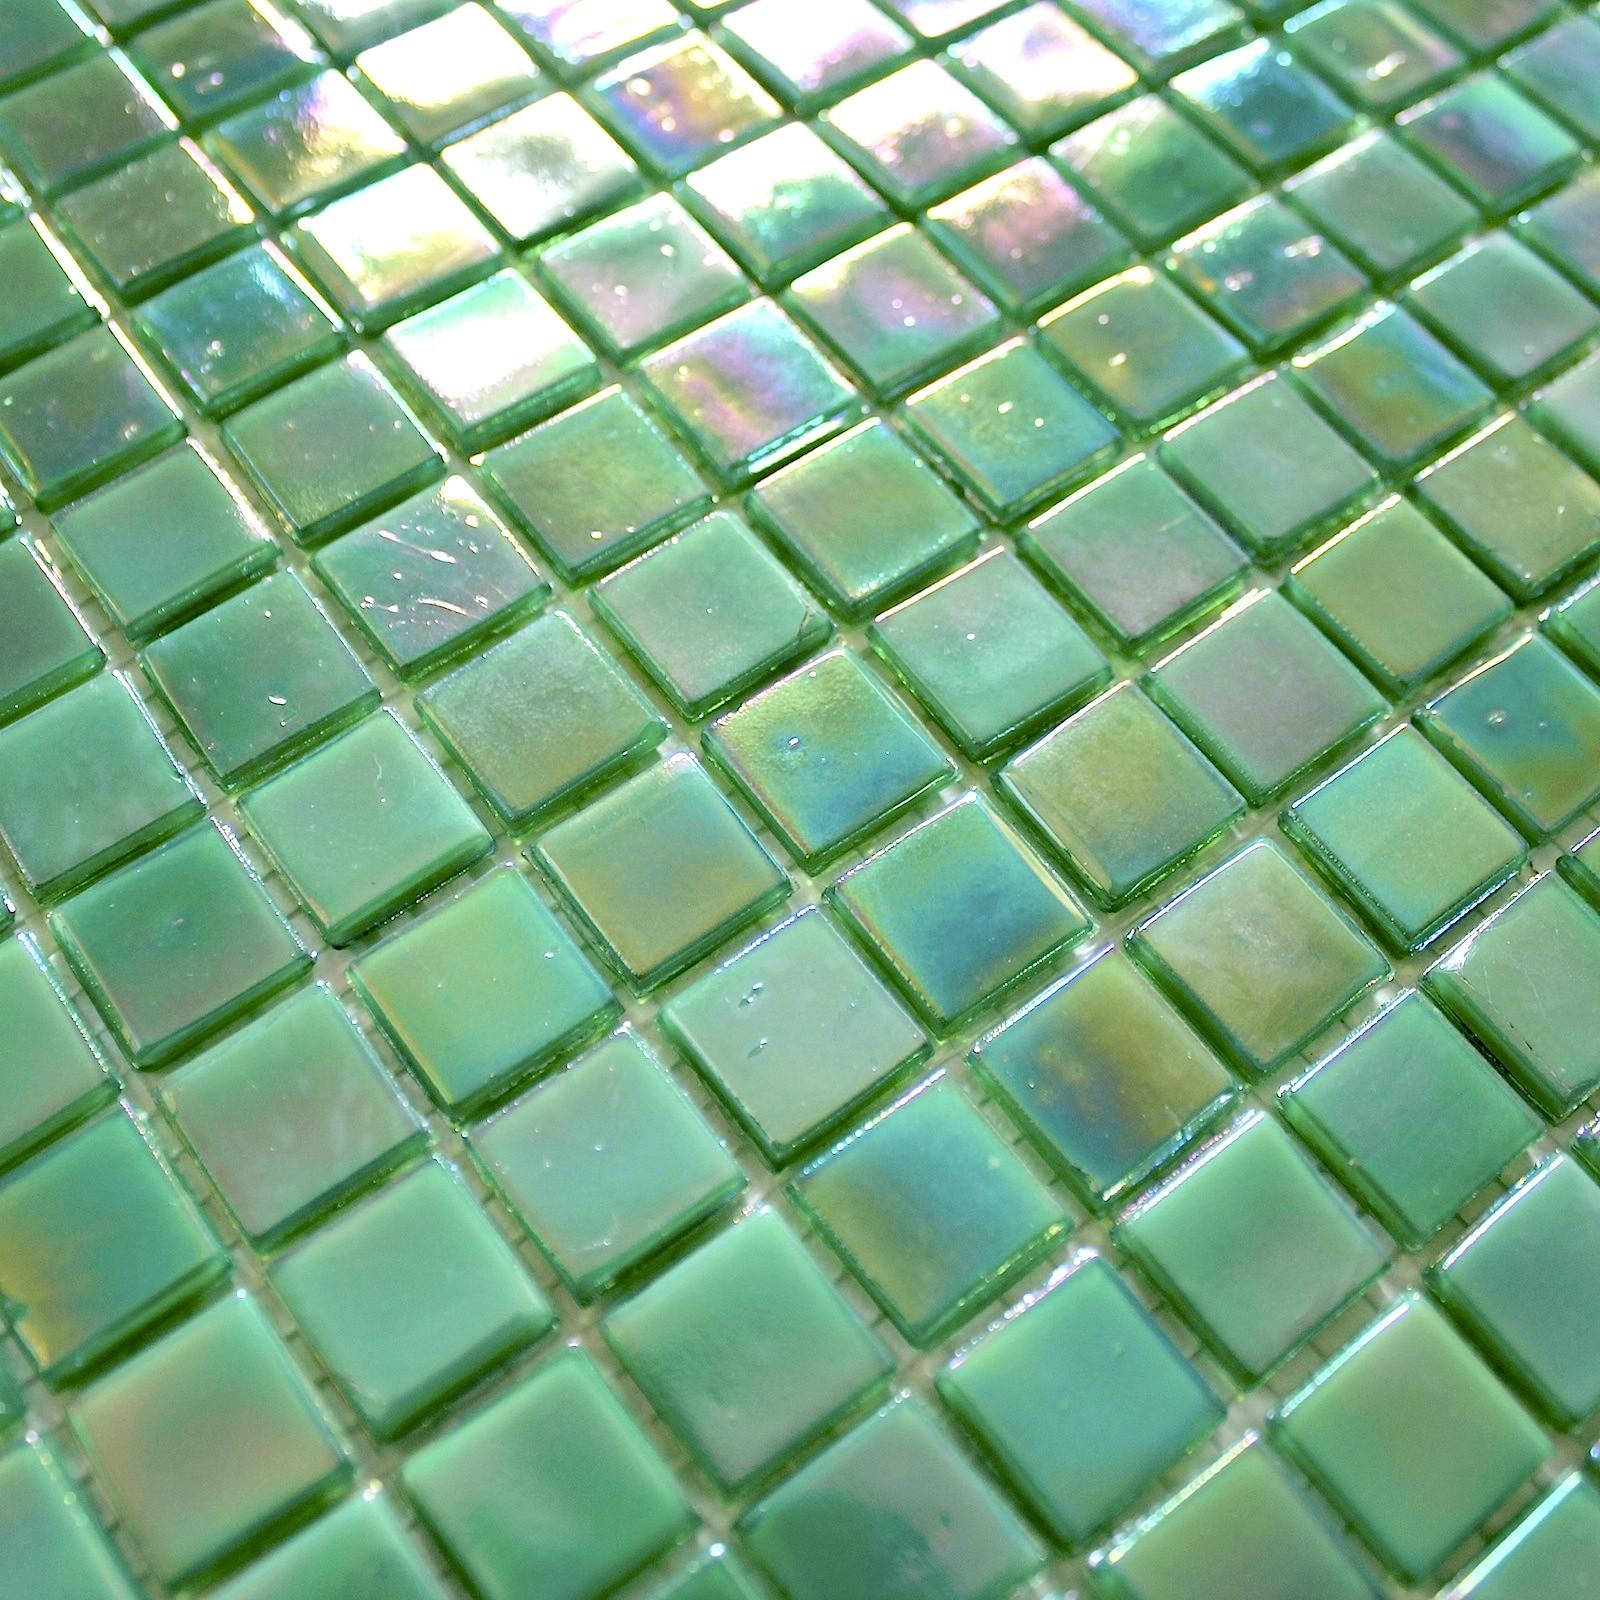 pate de verre douche et salle de bain mosaique 1m rainbowjade - Mosaique Turquoise